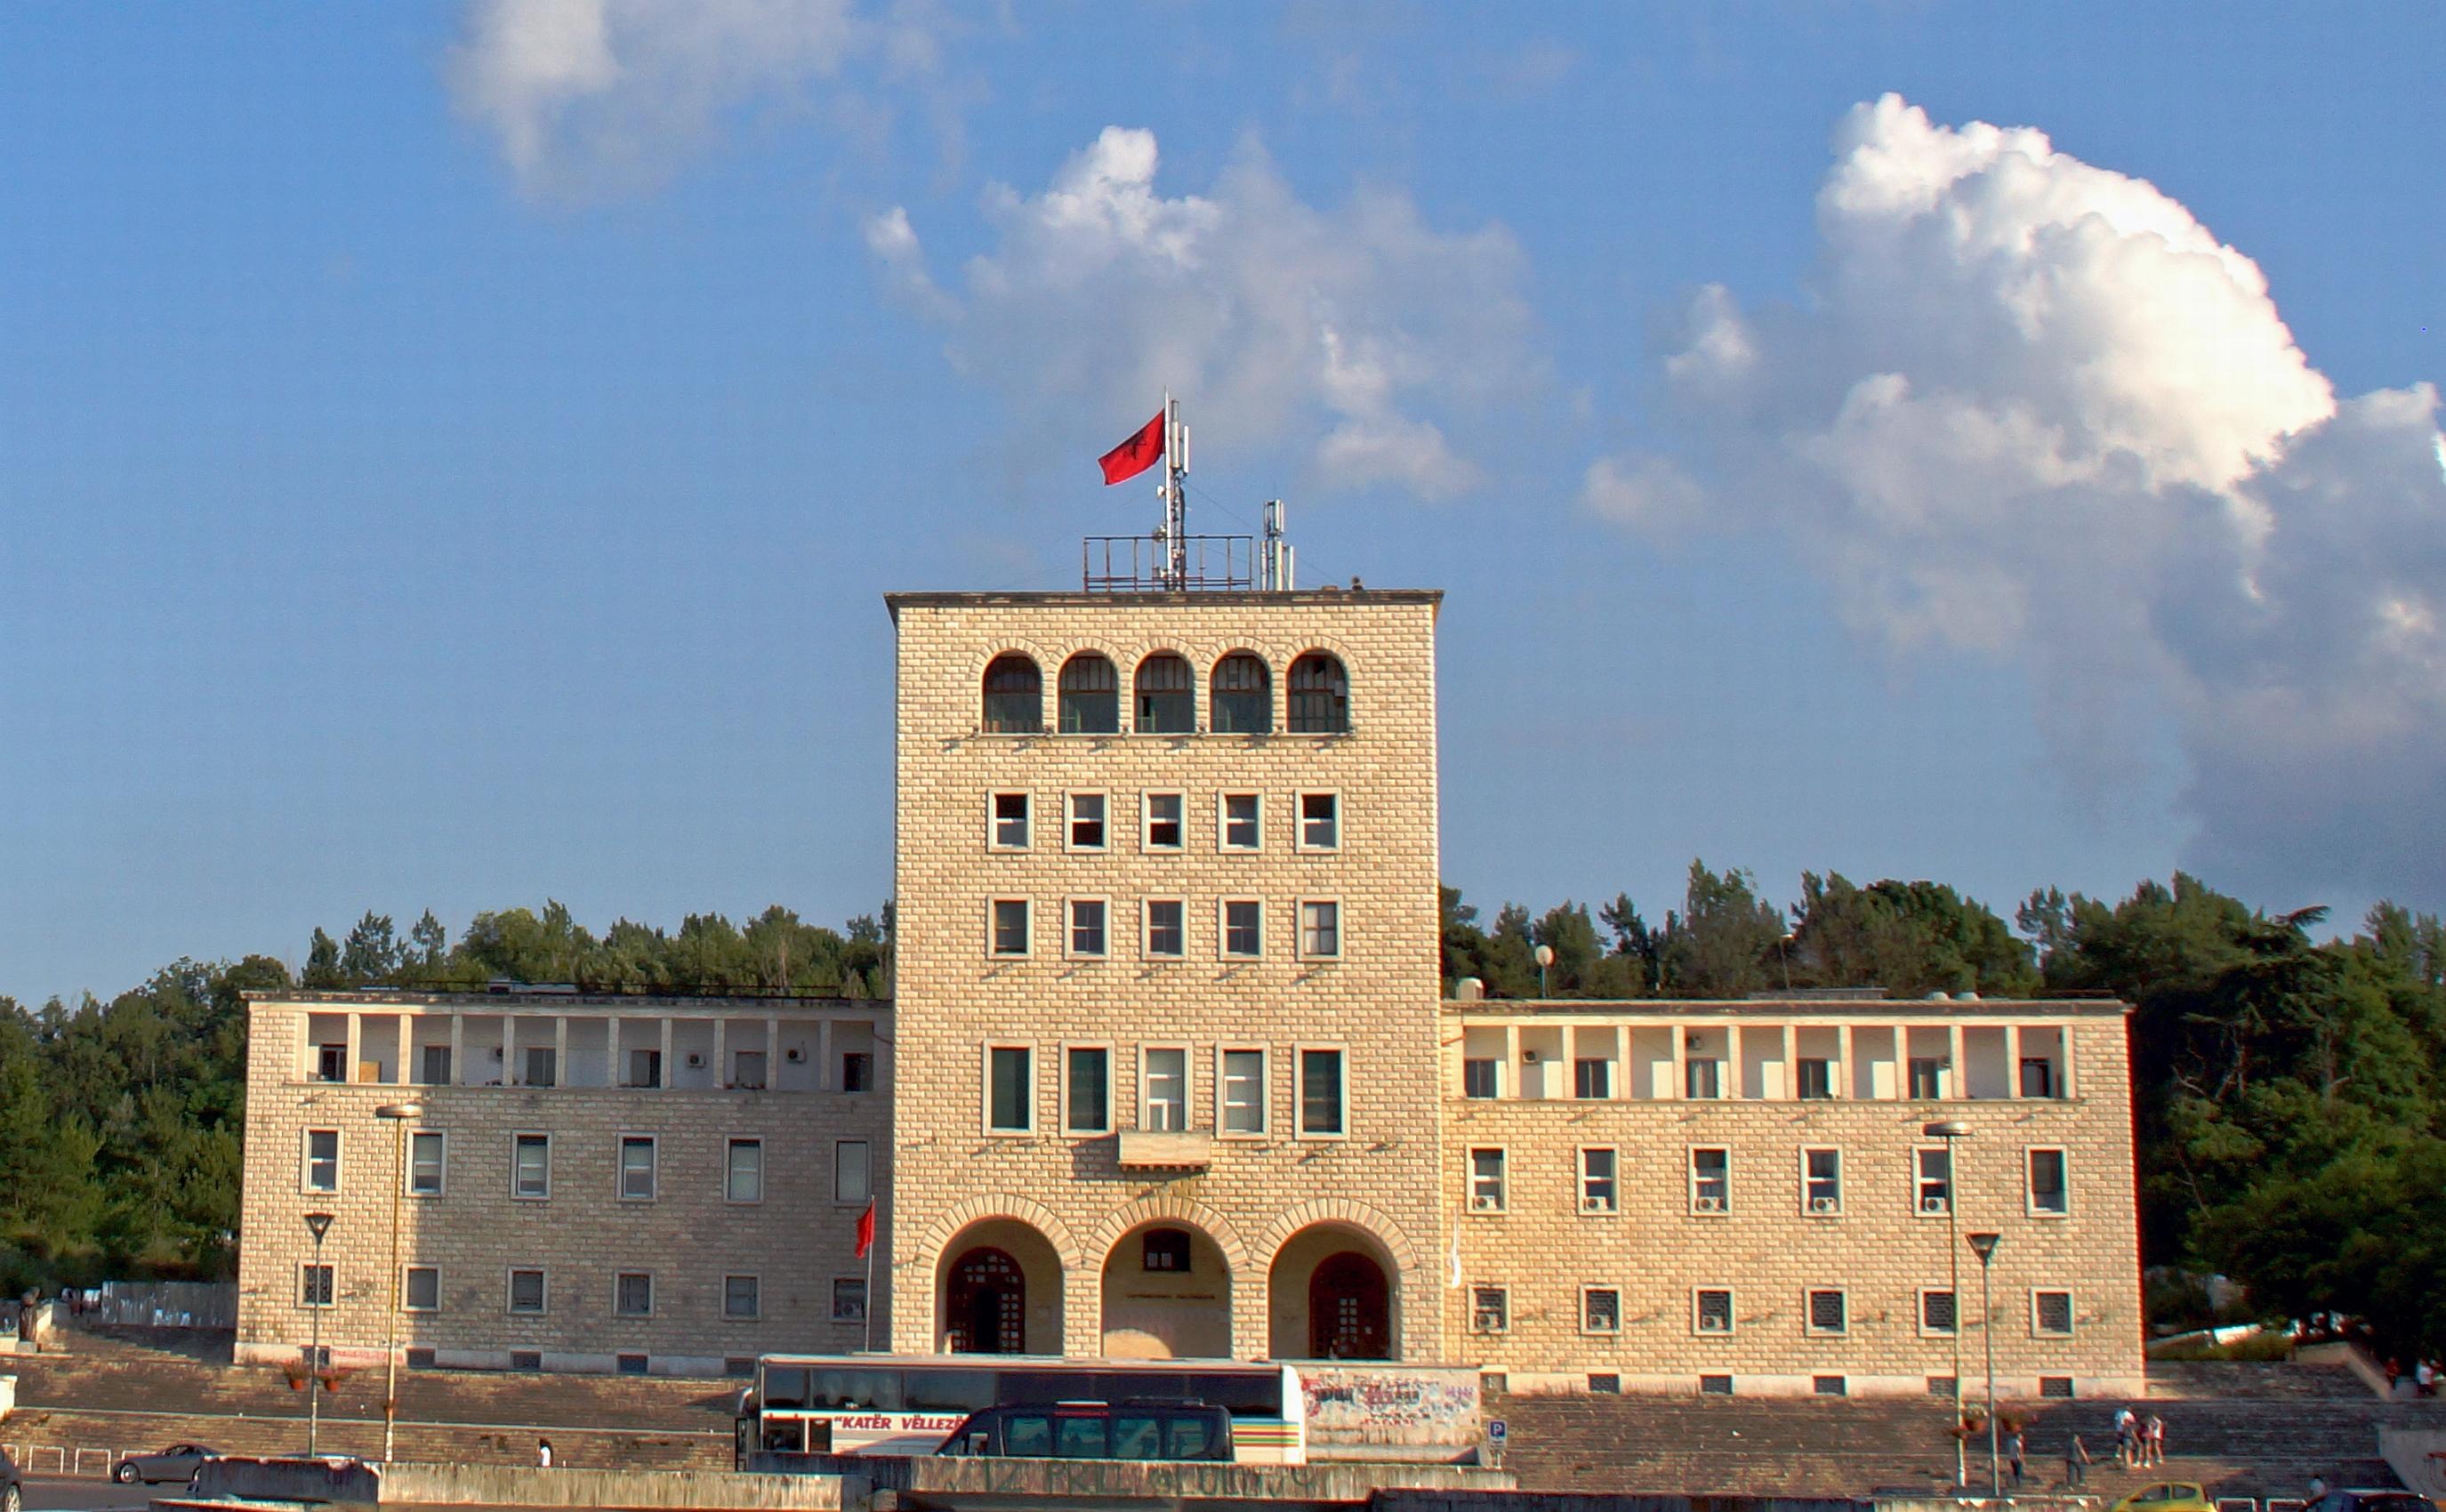 Universiteti_i_Tiranës_Universität_von_Tirana_1957_Sheshi_Nënë_Tereza_Albanien_Foto_Wolfgang_Pehlemann_DSC05868